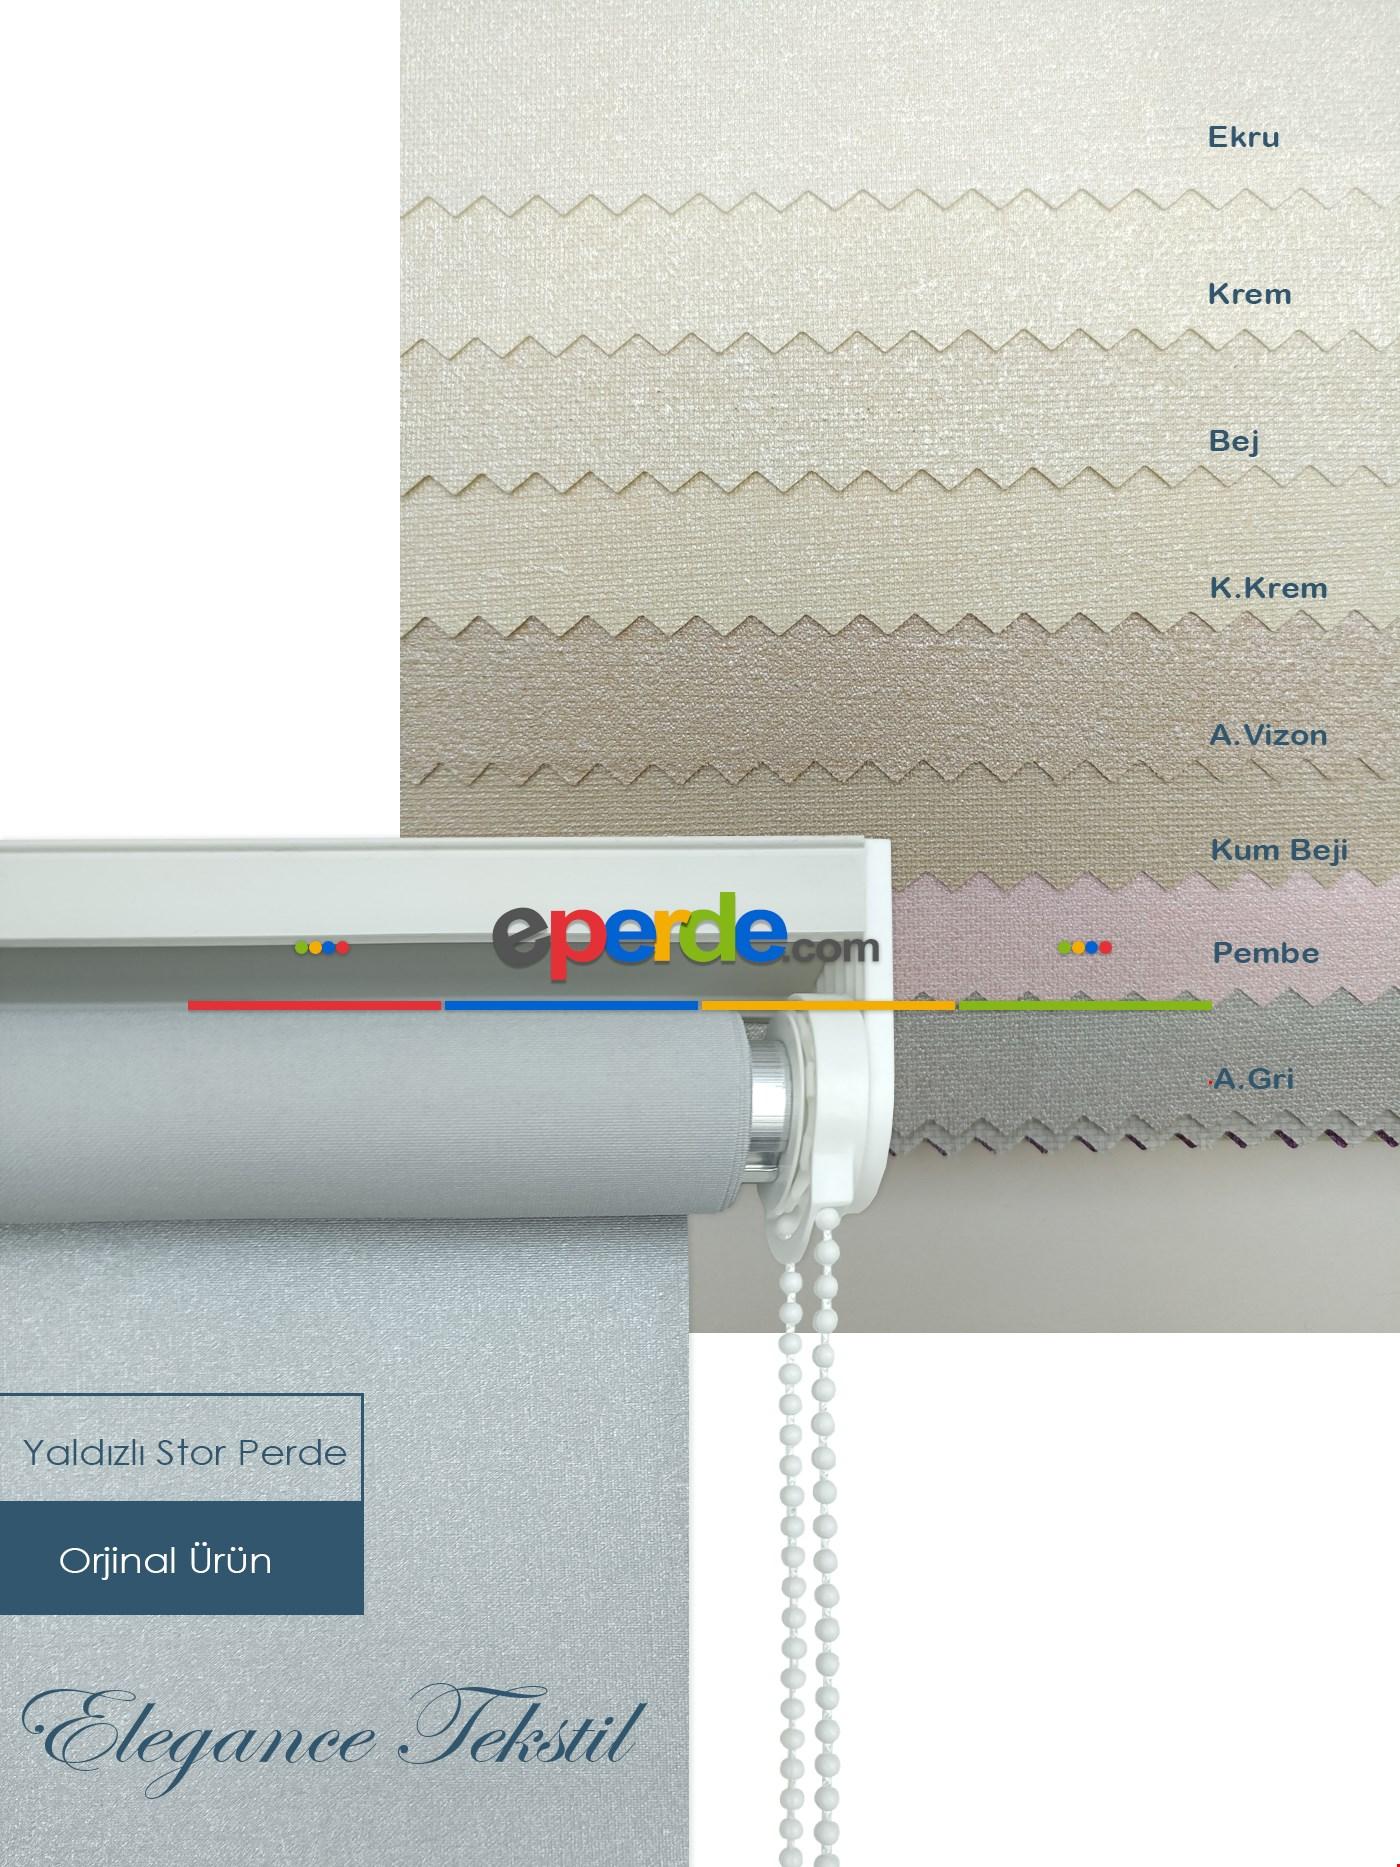 Yaldızlı Stor Perde Pastel Simli Serisi (pvc Kaplama) Kalın Dokulu 8 Farklı Renk